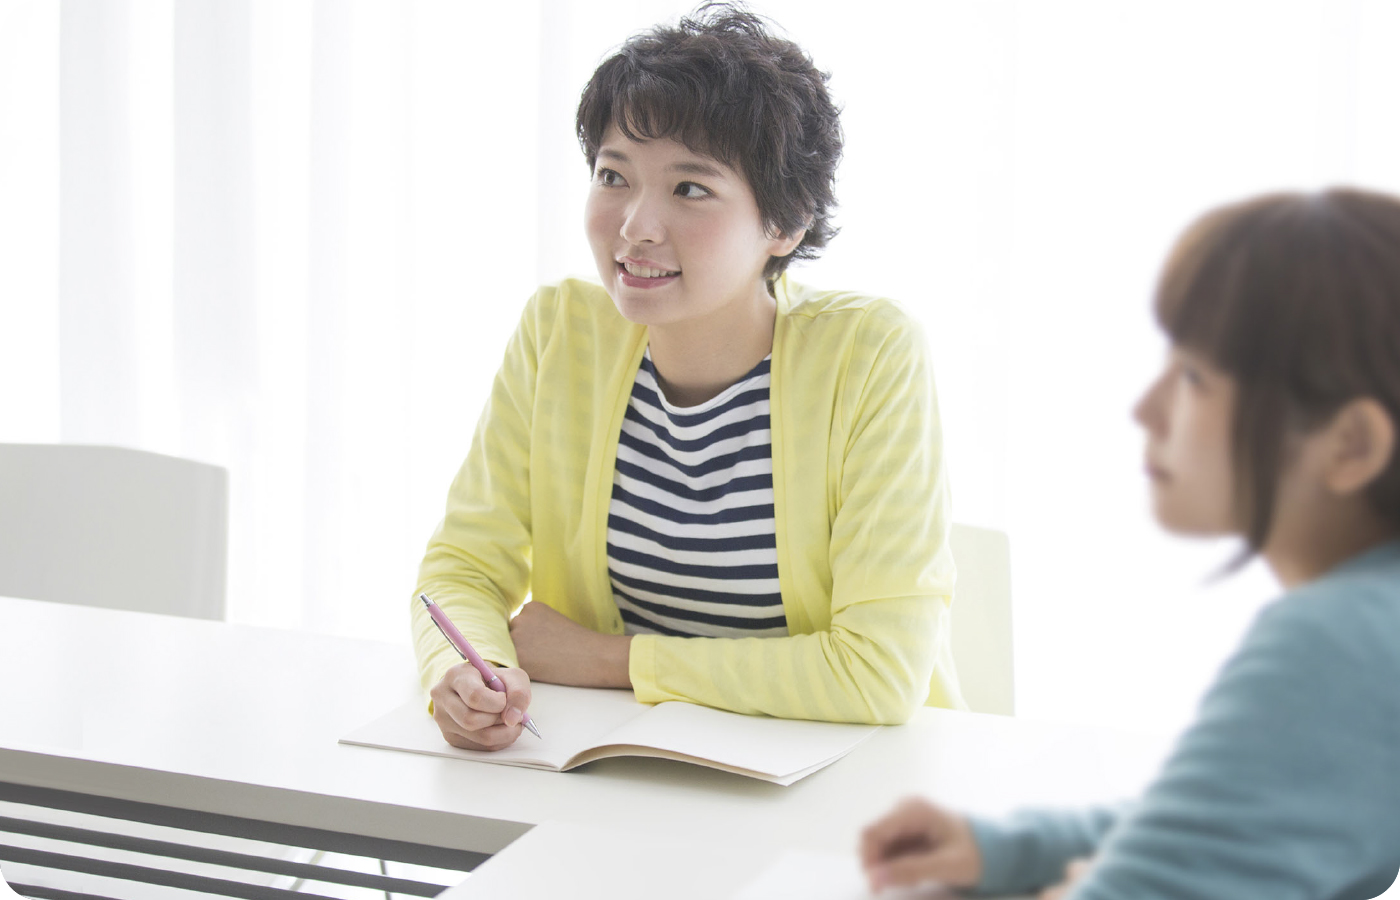 介護福祉士を受験するには実務経験(3年以上)と実務者研修の受講が必要